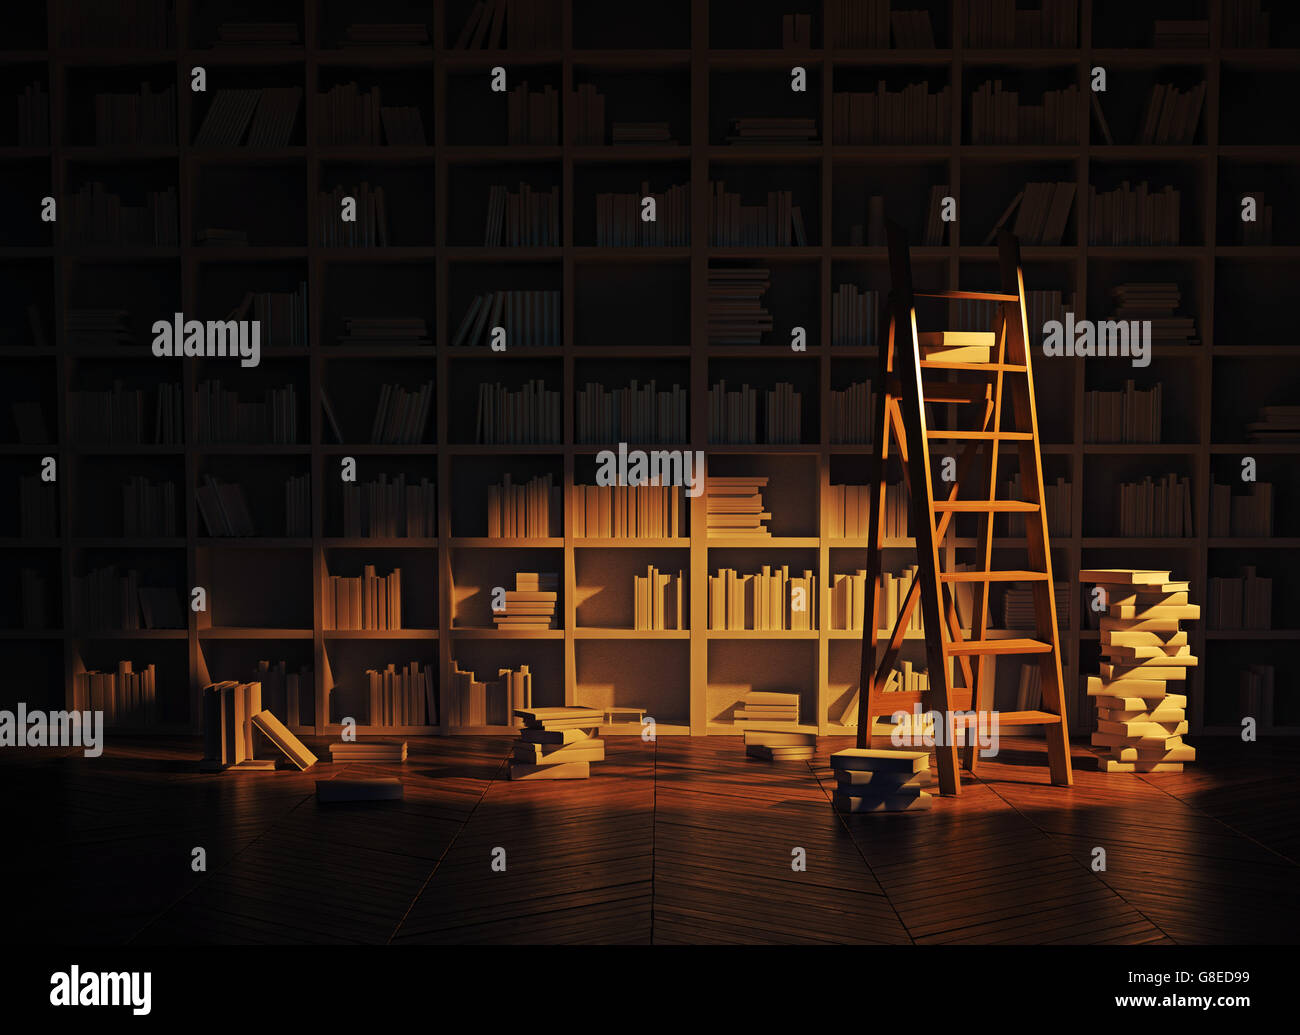 L'éclairage de nuit dans la bibliothèque de l'intérieur. Le rendu 3D Photo Stock